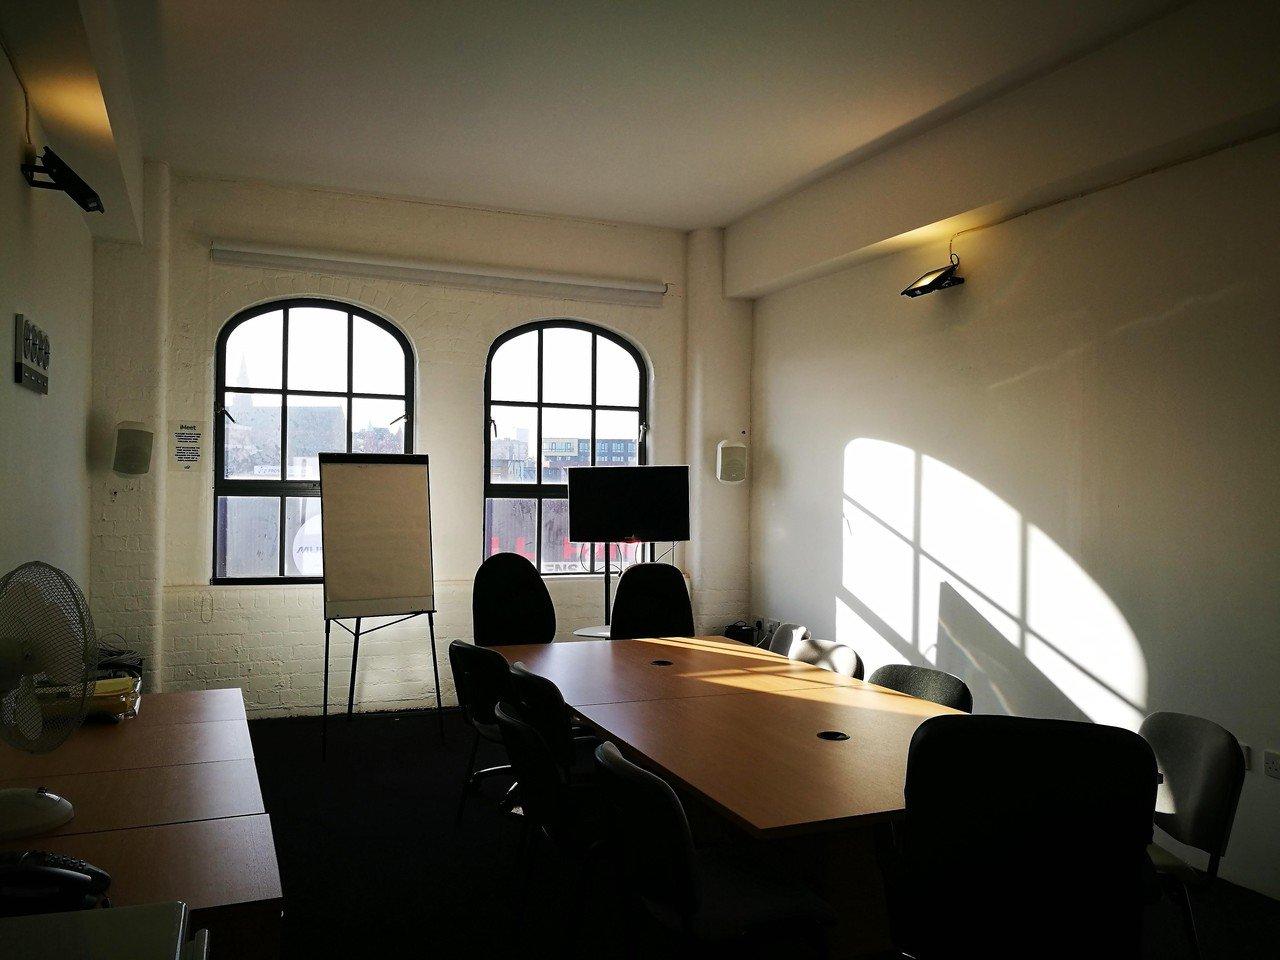 Birmingham training rooms Meetingraum Zellig 210 (CA) image 0